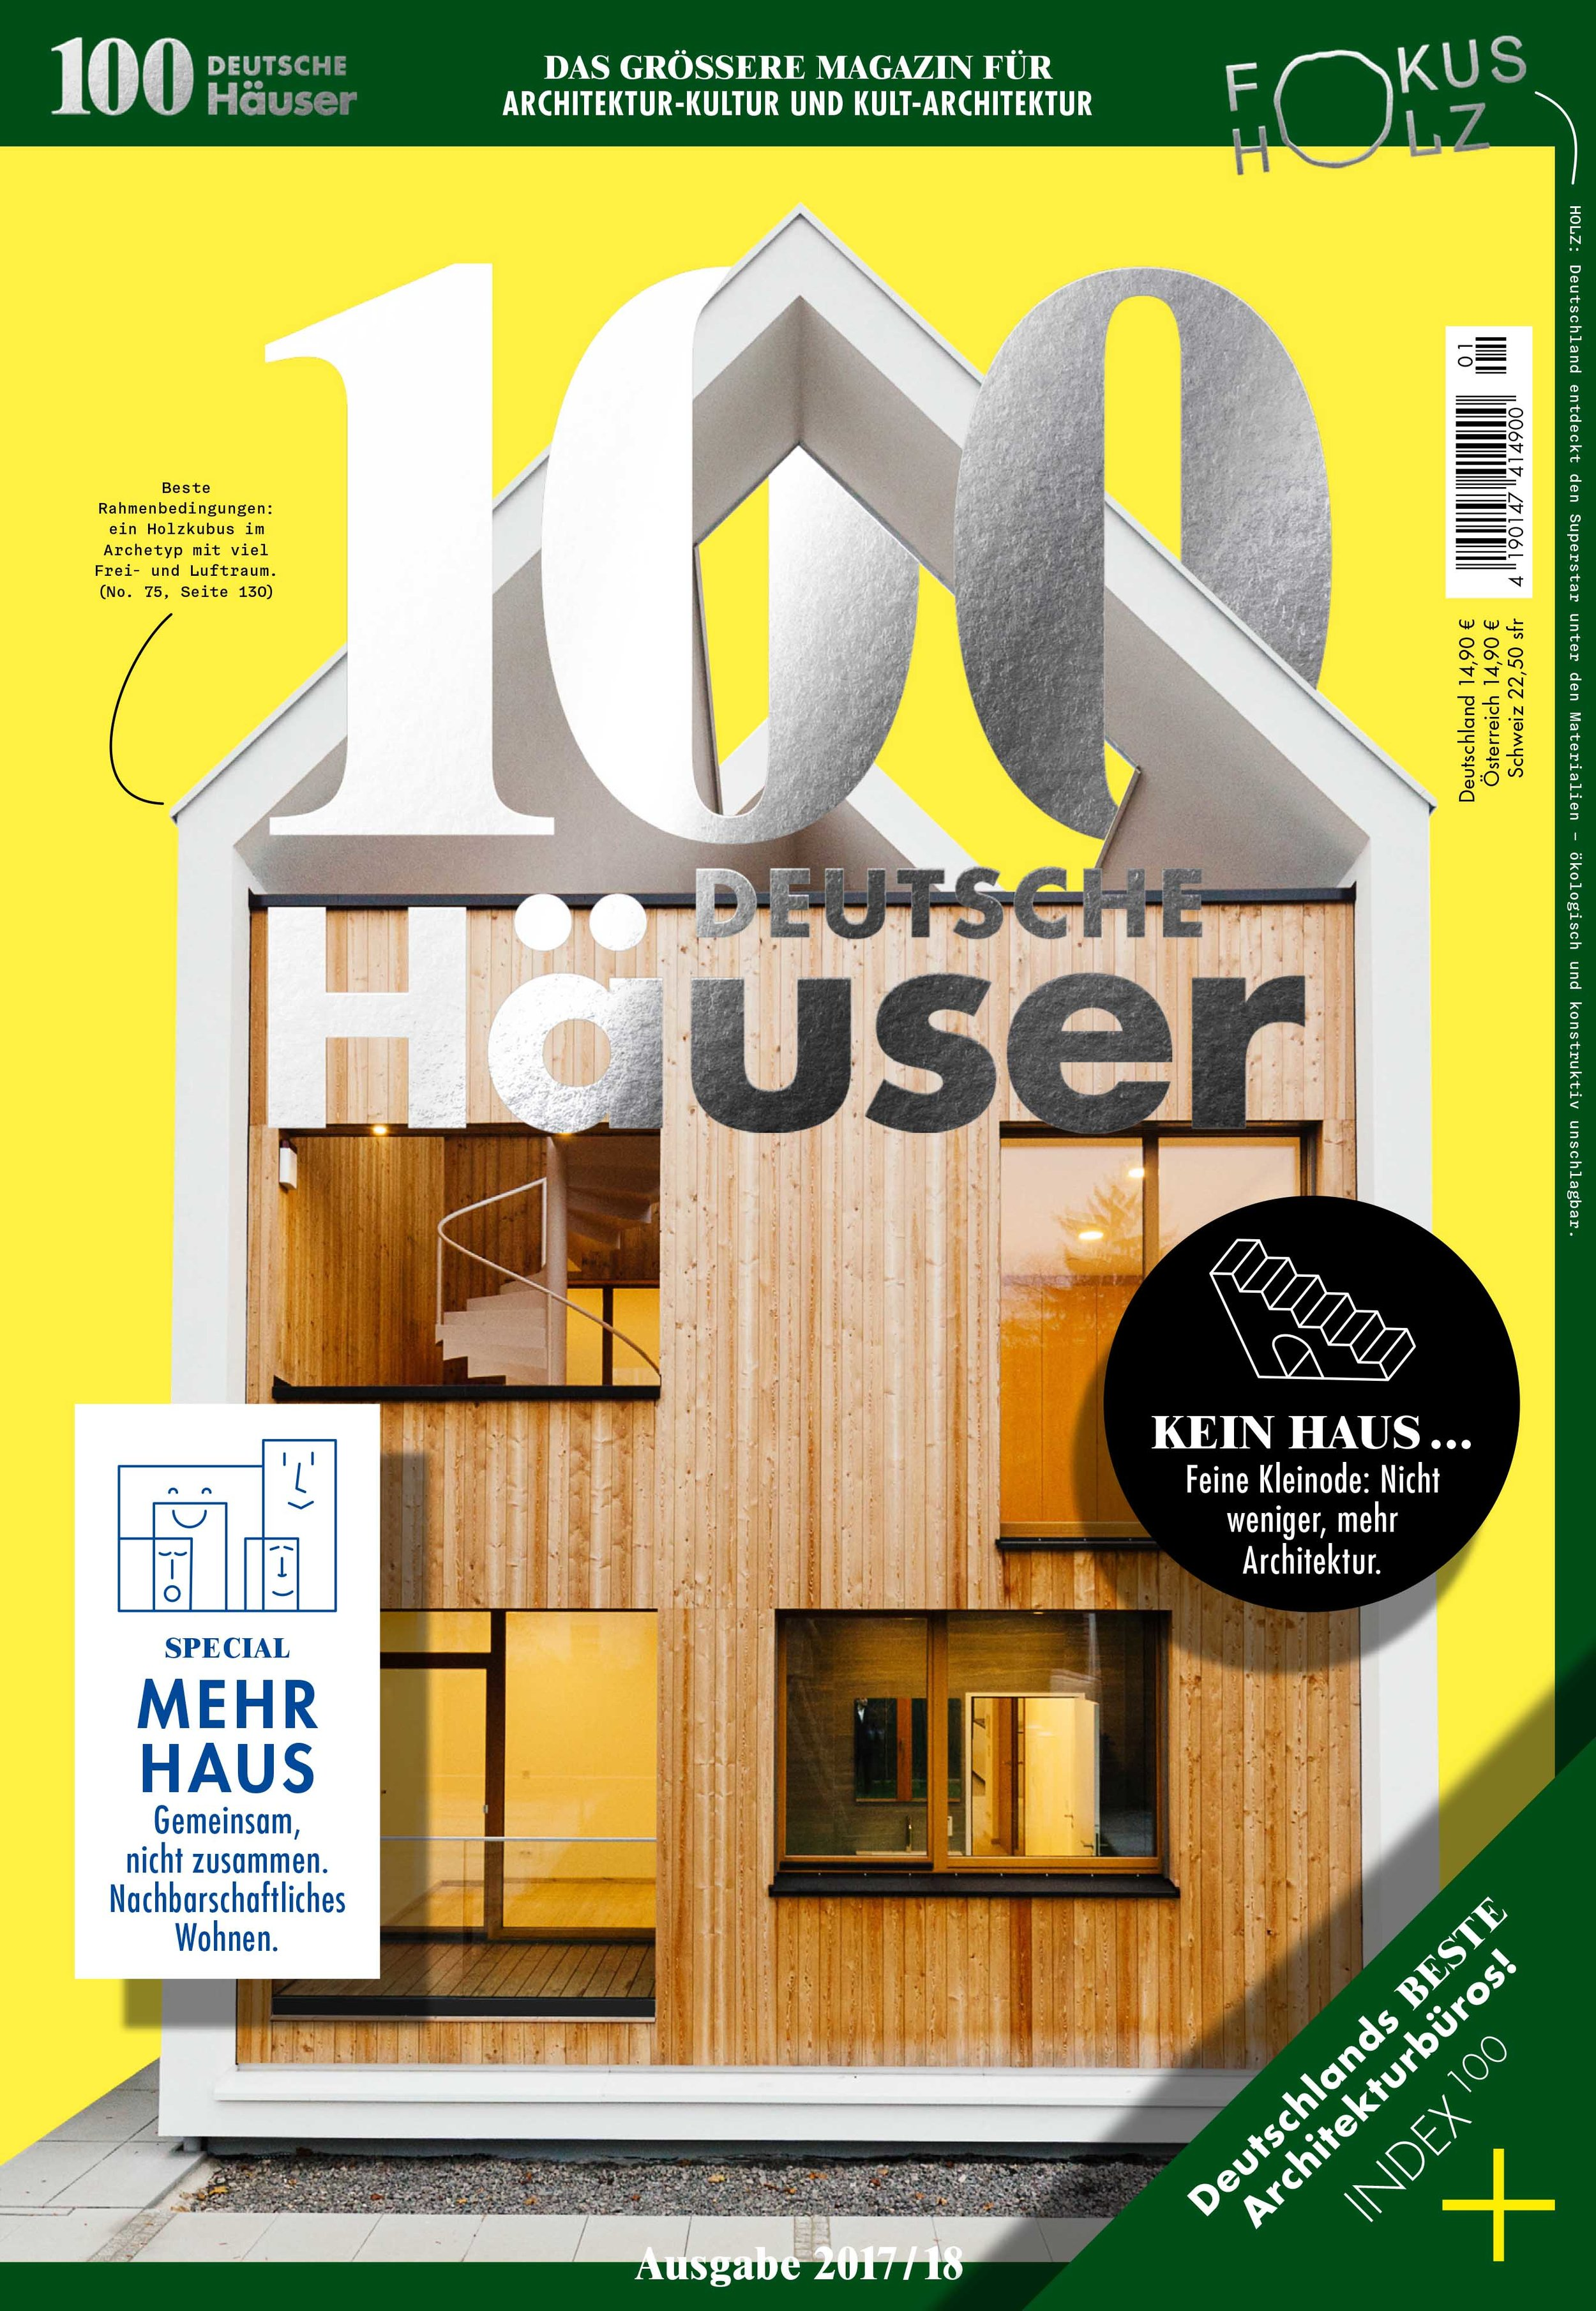 100 Deutsche Häuser Wien.jpg